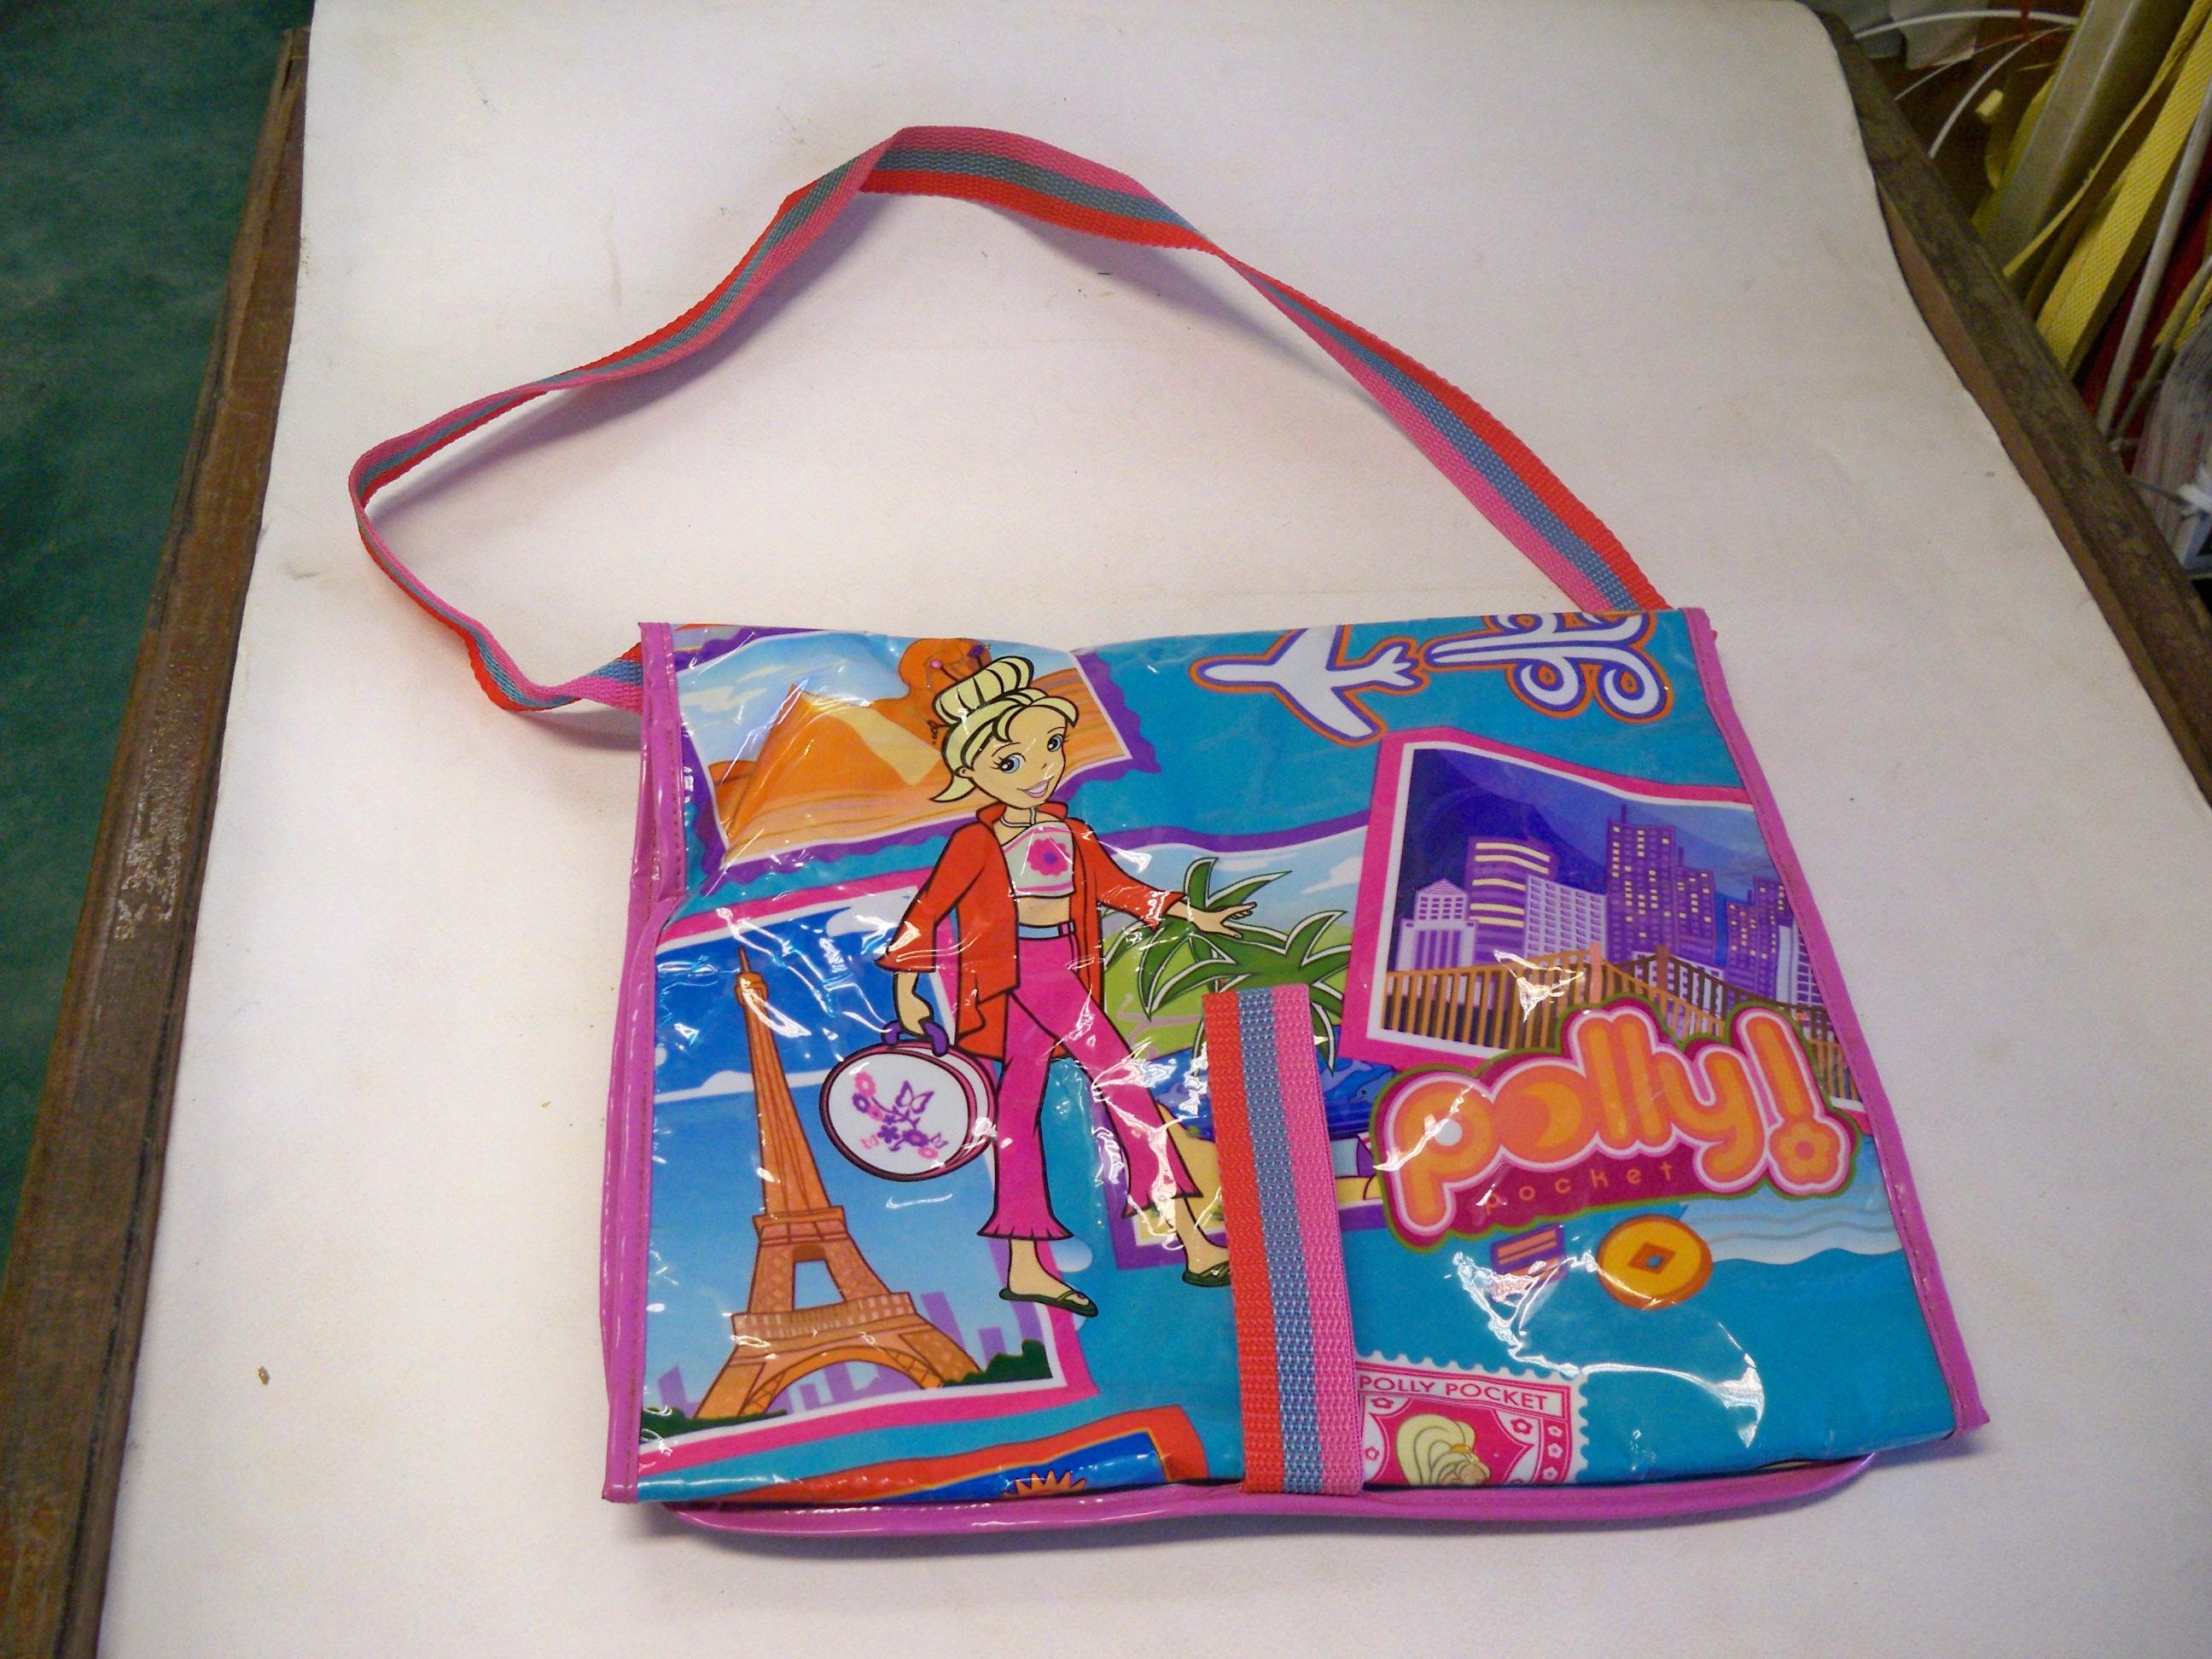 กระเป๋า Polly